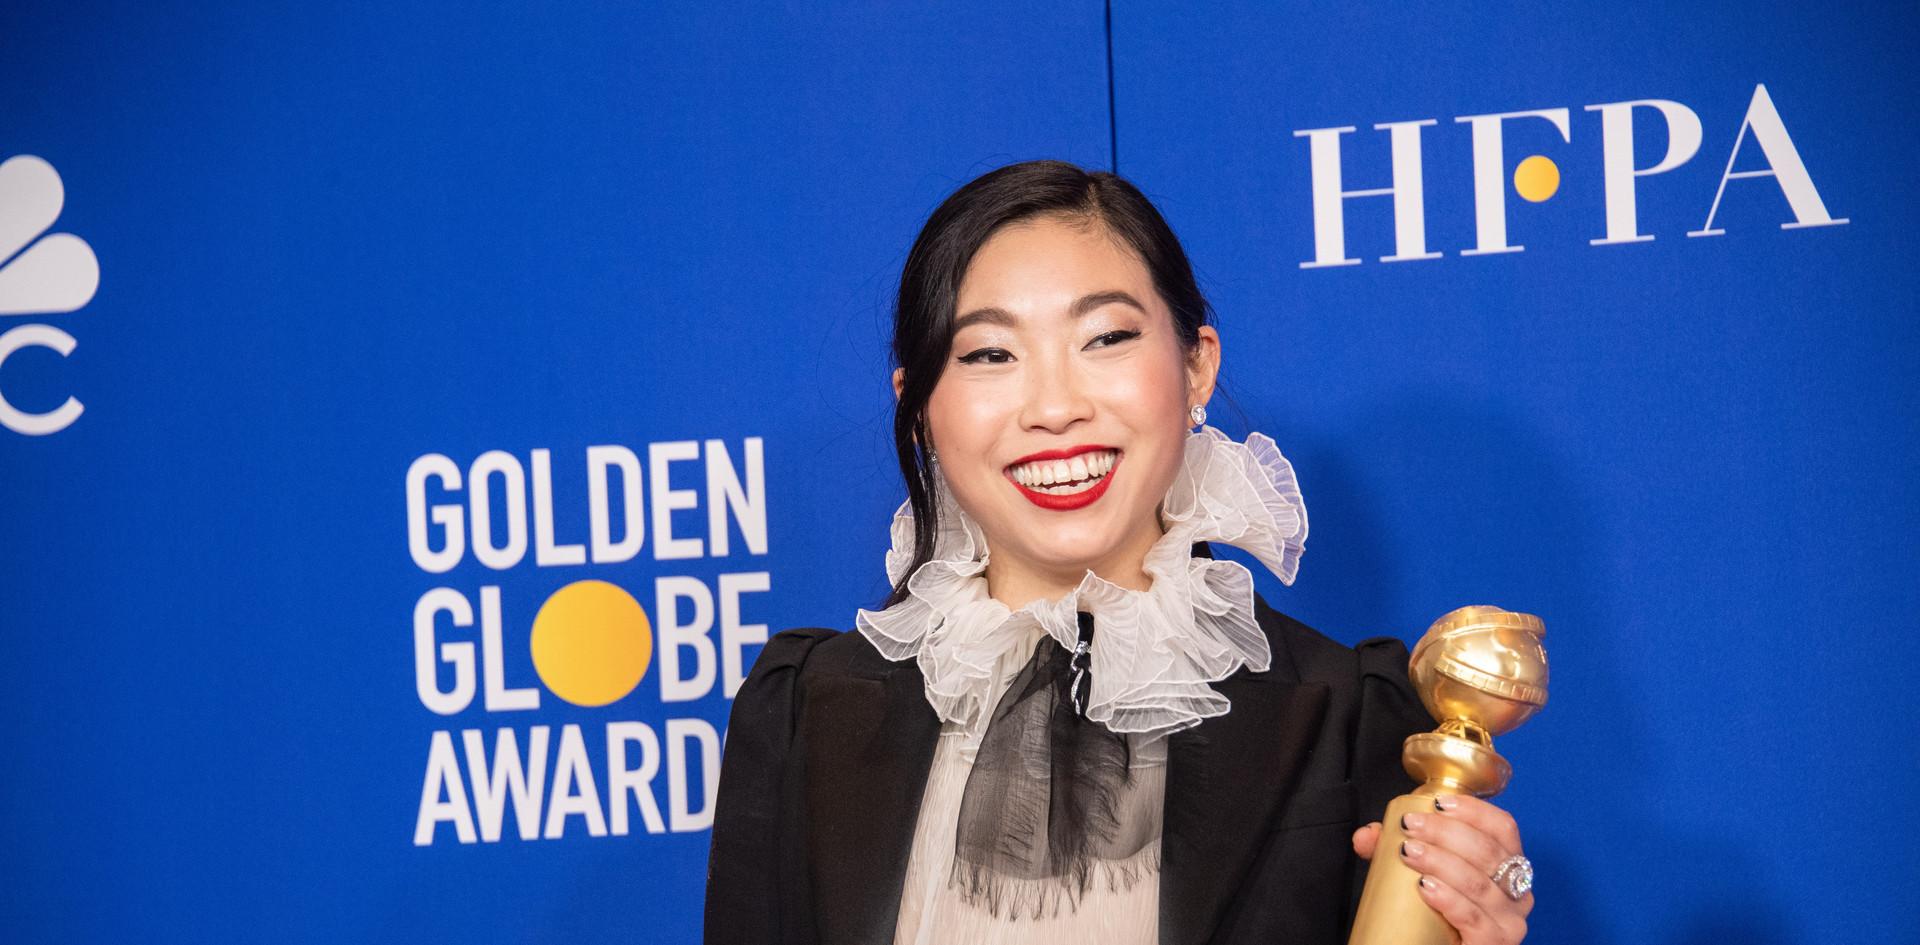 """A actriz Awkwafina com o Golden Globe, como Melhor Actriz - Comédia ou Musical pelo seu desempenho no Filme: """"The Farewell,"""" na Sala de Imprensa do 77th Annual Golden Globes Awards no Beverly Hilton em Beverly Hills, CA. Fotografia: HFPA Photographer."""